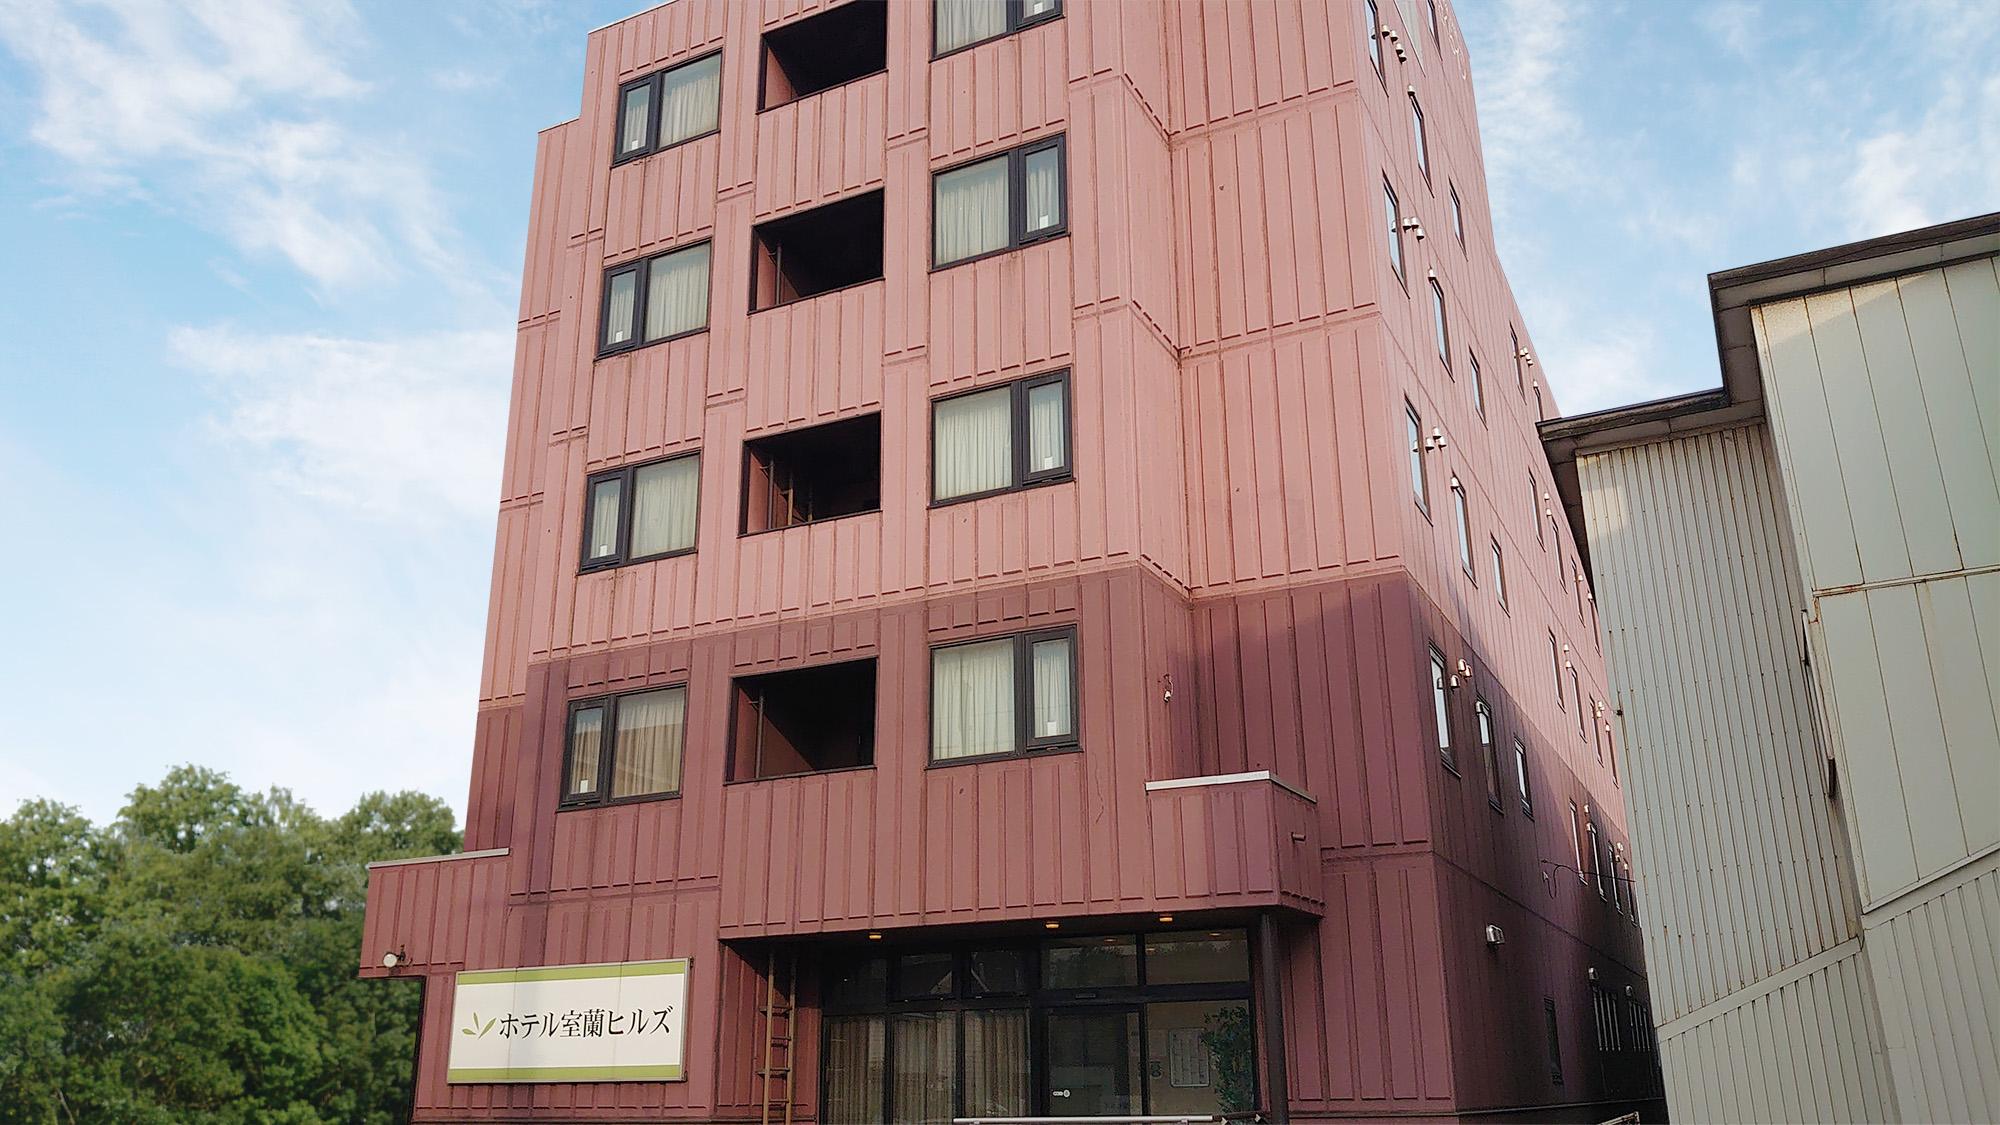 ホテル室蘭ヒルズBBHホテルグループ